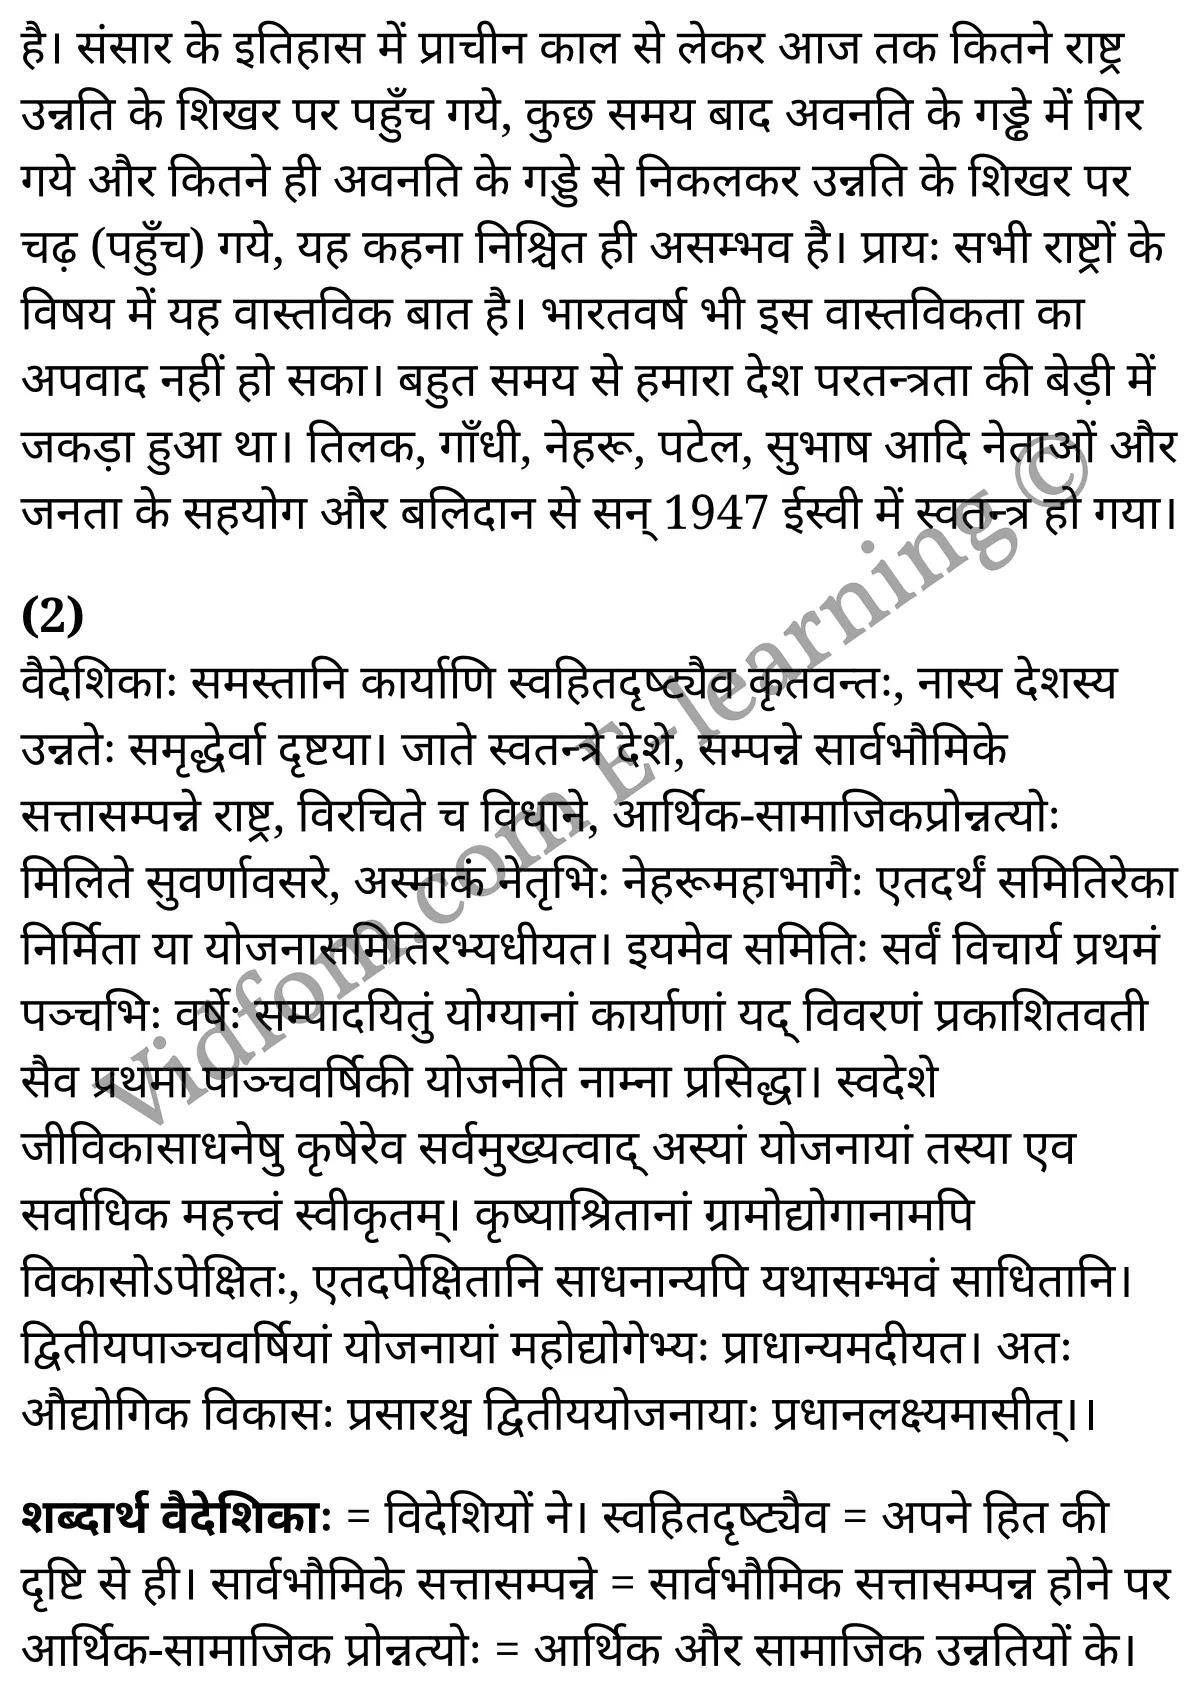 कक्षा 10 संस्कृत  के नोट्स  हिंदी में एनसीईआरटी समाधान,     class 10 sanskrit gadya bharathi Chapter 14,   class 10 sanskrit gadya bharathi Chapter 14 ncert solutions in Hindi,   class 10 sanskrit gadya bharathi Chapter 14 notes in hindi,   class 10 sanskrit gadya bharathi Chapter 14 question answer,   class 10 sanskrit gadya bharathi Chapter 14 notes,   class 10 sanskrit gadya bharathi Chapter 14 class 10 sanskrit gadya bharathi Chapter 14 in  hindi,    class 10 sanskrit gadya bharathi Chapter 14 important questions in  hindi,   class 10 sanskrit gadya bharathi Chapter 14 notes in hindi,    class 10 sanskrit gadya bharathi Chapter 14 test,   class 10 sanskrit gadya bharathi Chapter 14 pdf,   class 10 sanskrit gadya bharathi Chapter 14 notes pdf,   class 10 sanskrit gadya bharathi Chapter 14 exercise solutions,   class 10 sanskrit gadya bharathi Chapter 14 notes study rankers,   class 10 sanskrit gadya bharathi Chapter 14 notes,    class 10 sanskrit gadya bharathi Chapter 14  class 10  notes pdf,   class 10 sanskrit gadya bharathi Chapter 14 class 10  notes  ncert,   class 10 sanskrit gadya bharathi Chapter 14 class 10 pdf,   class 10 sanskrit gadya bharathi Chapter 14  book,   class 10 sanskrit gadya bharathi Chapter 14 quiz class 10  ,   कक्षा 10 योजना – महत्वम्,  कक्षा 10 योजना – महत्वम्  के नोट्स हिंदी में,  कक्षा 10 योजना – महत्वम् प्रश्न उत्तर,  कक्षा 10 योजना – महत्वम् के नोट्स,  10 कक्षा योजना – महत्वम्  हिंदी में, कक्षा 10 योजना – महत्वम्  हिंदी में,  कक्षा 10 योजना – महत्वम्  महत्वपूर्ण प्रश्न हिंदी में, कक्षा 10 संस्कृत के नोट्स  हिंदी में, योजना – महत्वम् हिंदी में कक्षा 10 नोट्स pdf,    योजना – महत्वम् हिंदी में  कक्षा 10 नोट्स 2021 ncert,   योजना – महत्वम् हिंदी  कक्षा 10 pdf,   योजना – महत्वम् हिंदी में  पुस्तक,   योजना – महत्वम् हिंदी में की बुक,   योजना – महत्वम् हिंदी में  प्रश्नोत्तरी class 10 ,  10   वीं योजना – महत्वम्  पुस्तक up board,   बिहार बोर्ड 10  पुस्तक वीं योजना – महत्वम् नोट्स,    योजना – महत्वम्  कक्षा 10 नोट्स 2021 ncert,   योजना – म